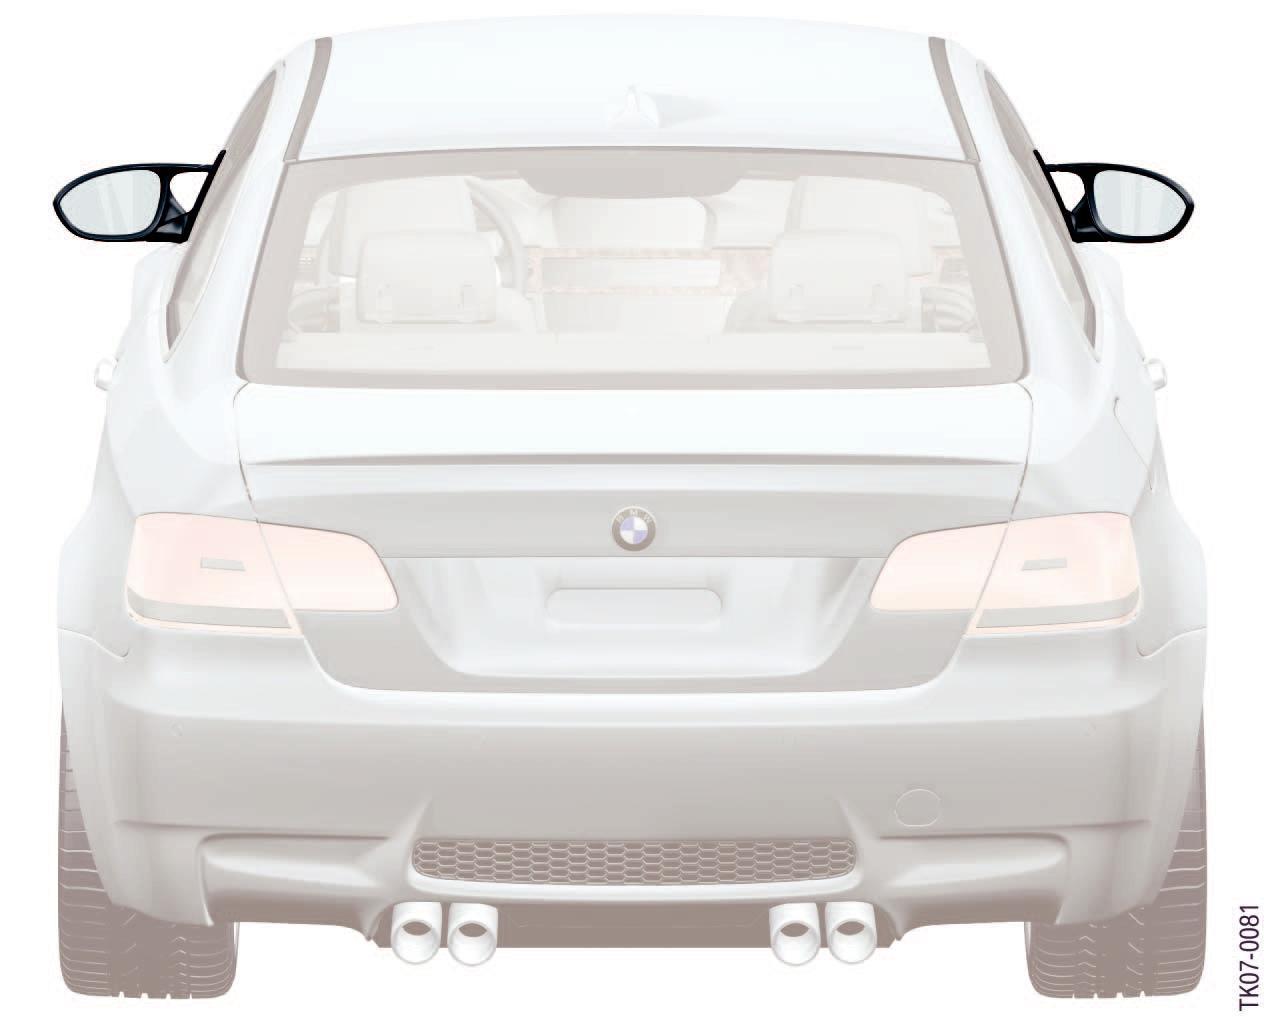 Retroviseurs-exterieurs-sur-le-vehicule-M3-E92.jpeg